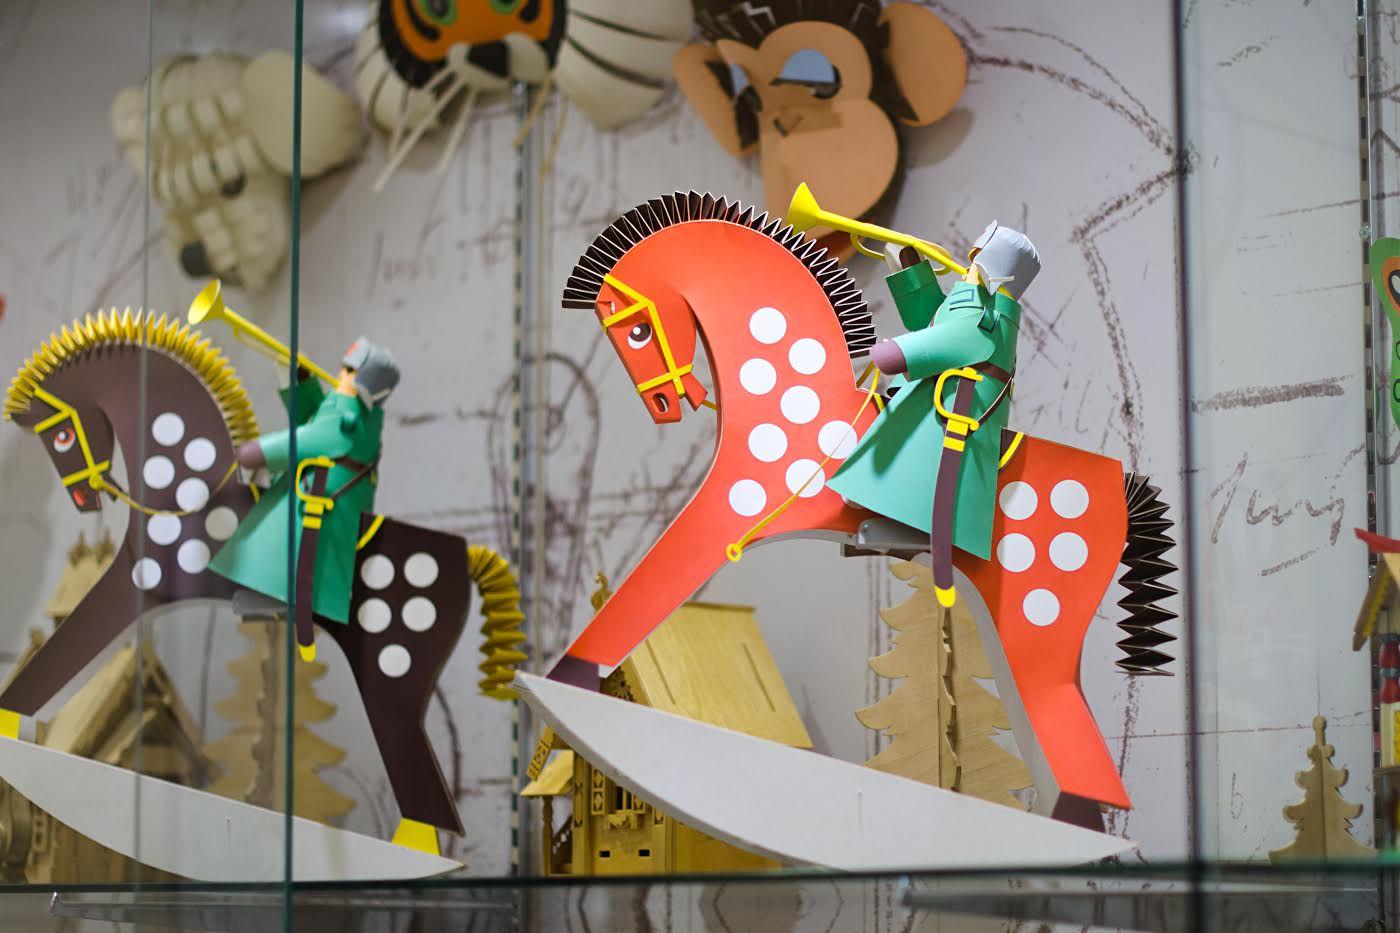 Постоянная экспозиция Музея декоративно-прикладного и народного искусства «Мастер игры» фото 1